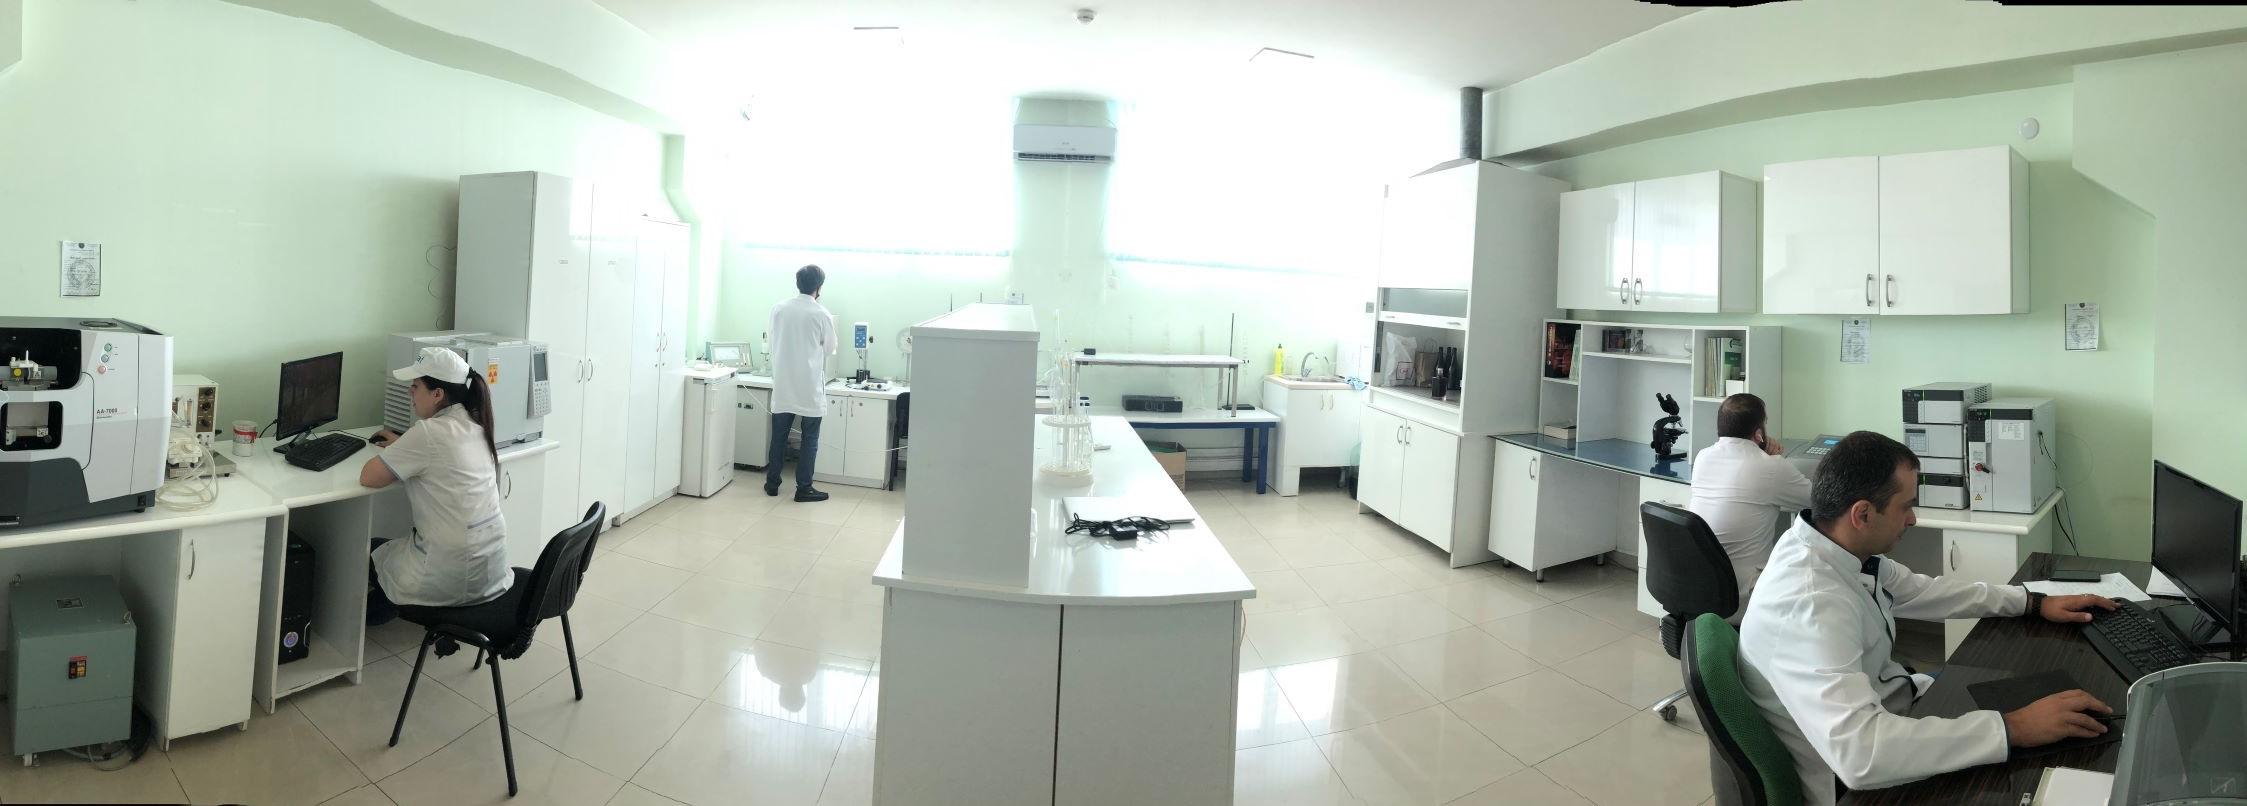 Լաբորատորիա